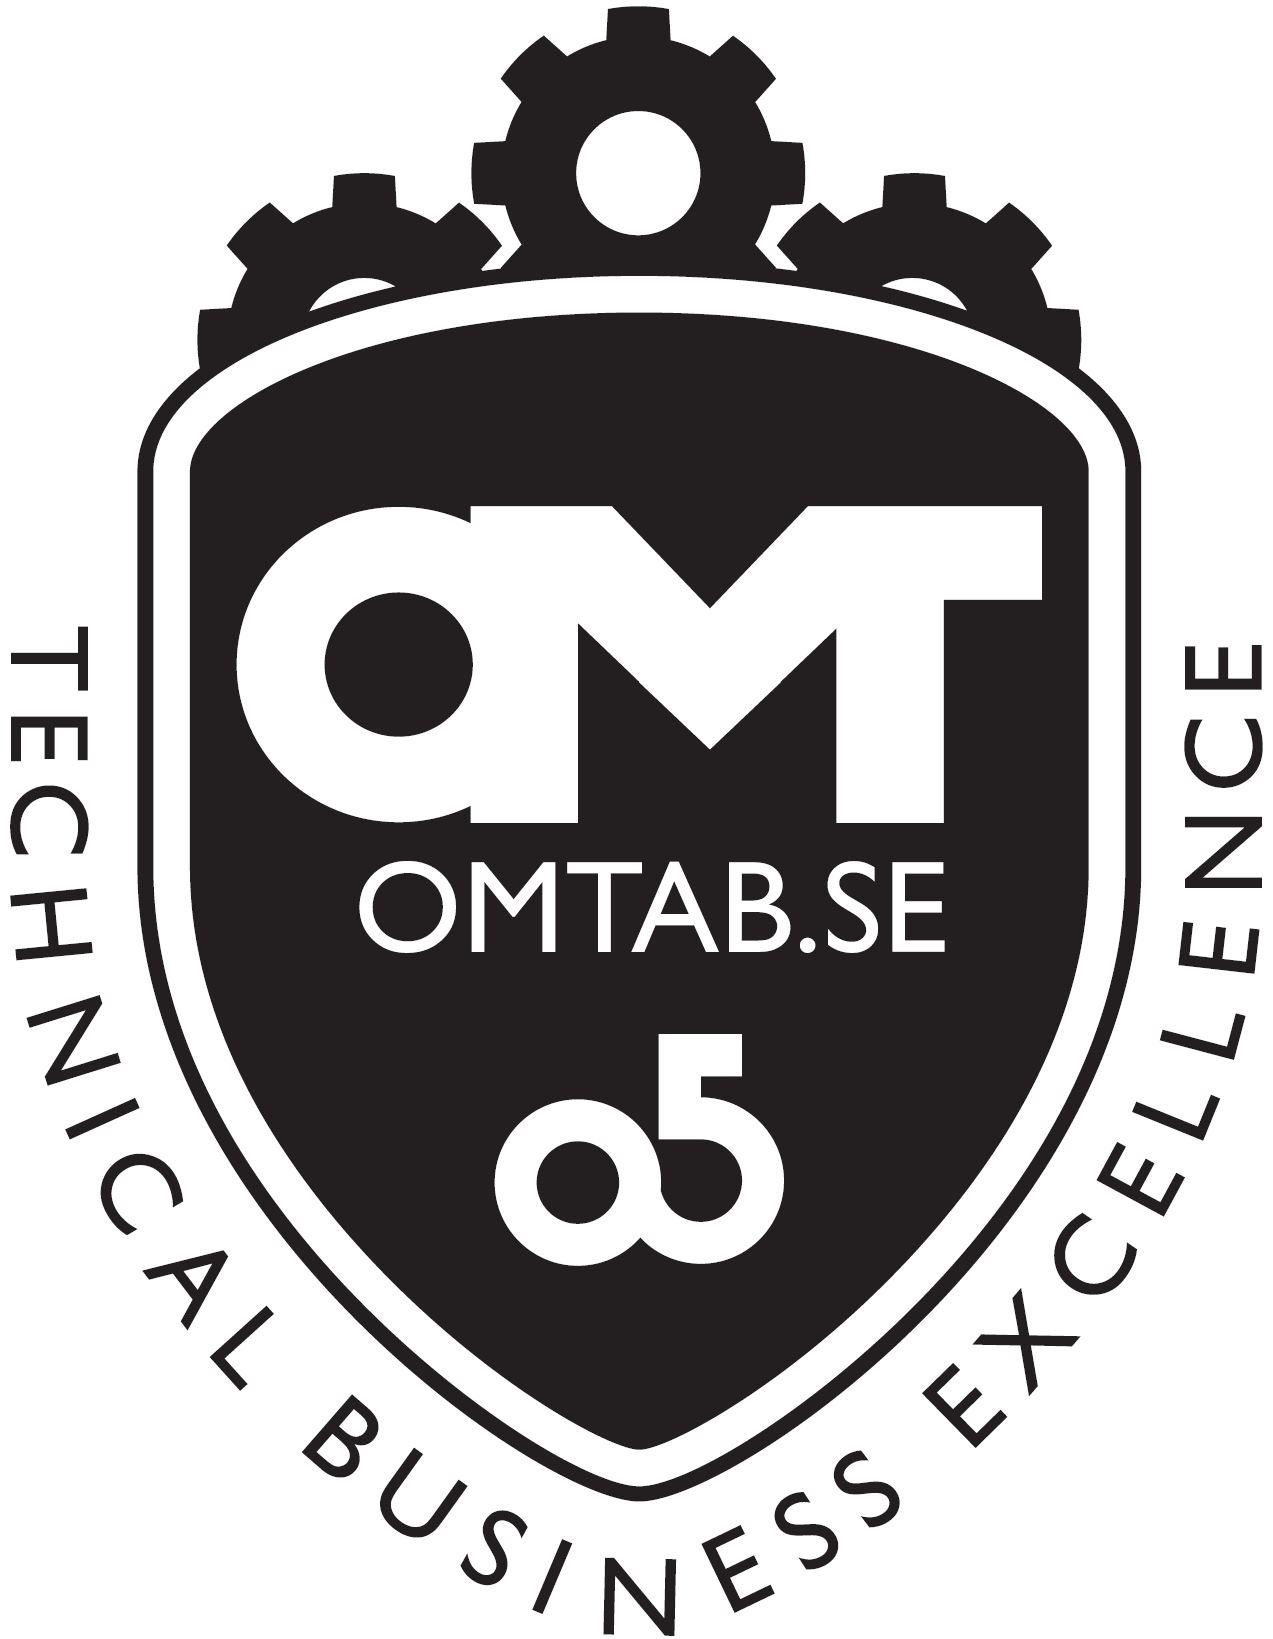 logotyp OMT-TBE_k.jpg